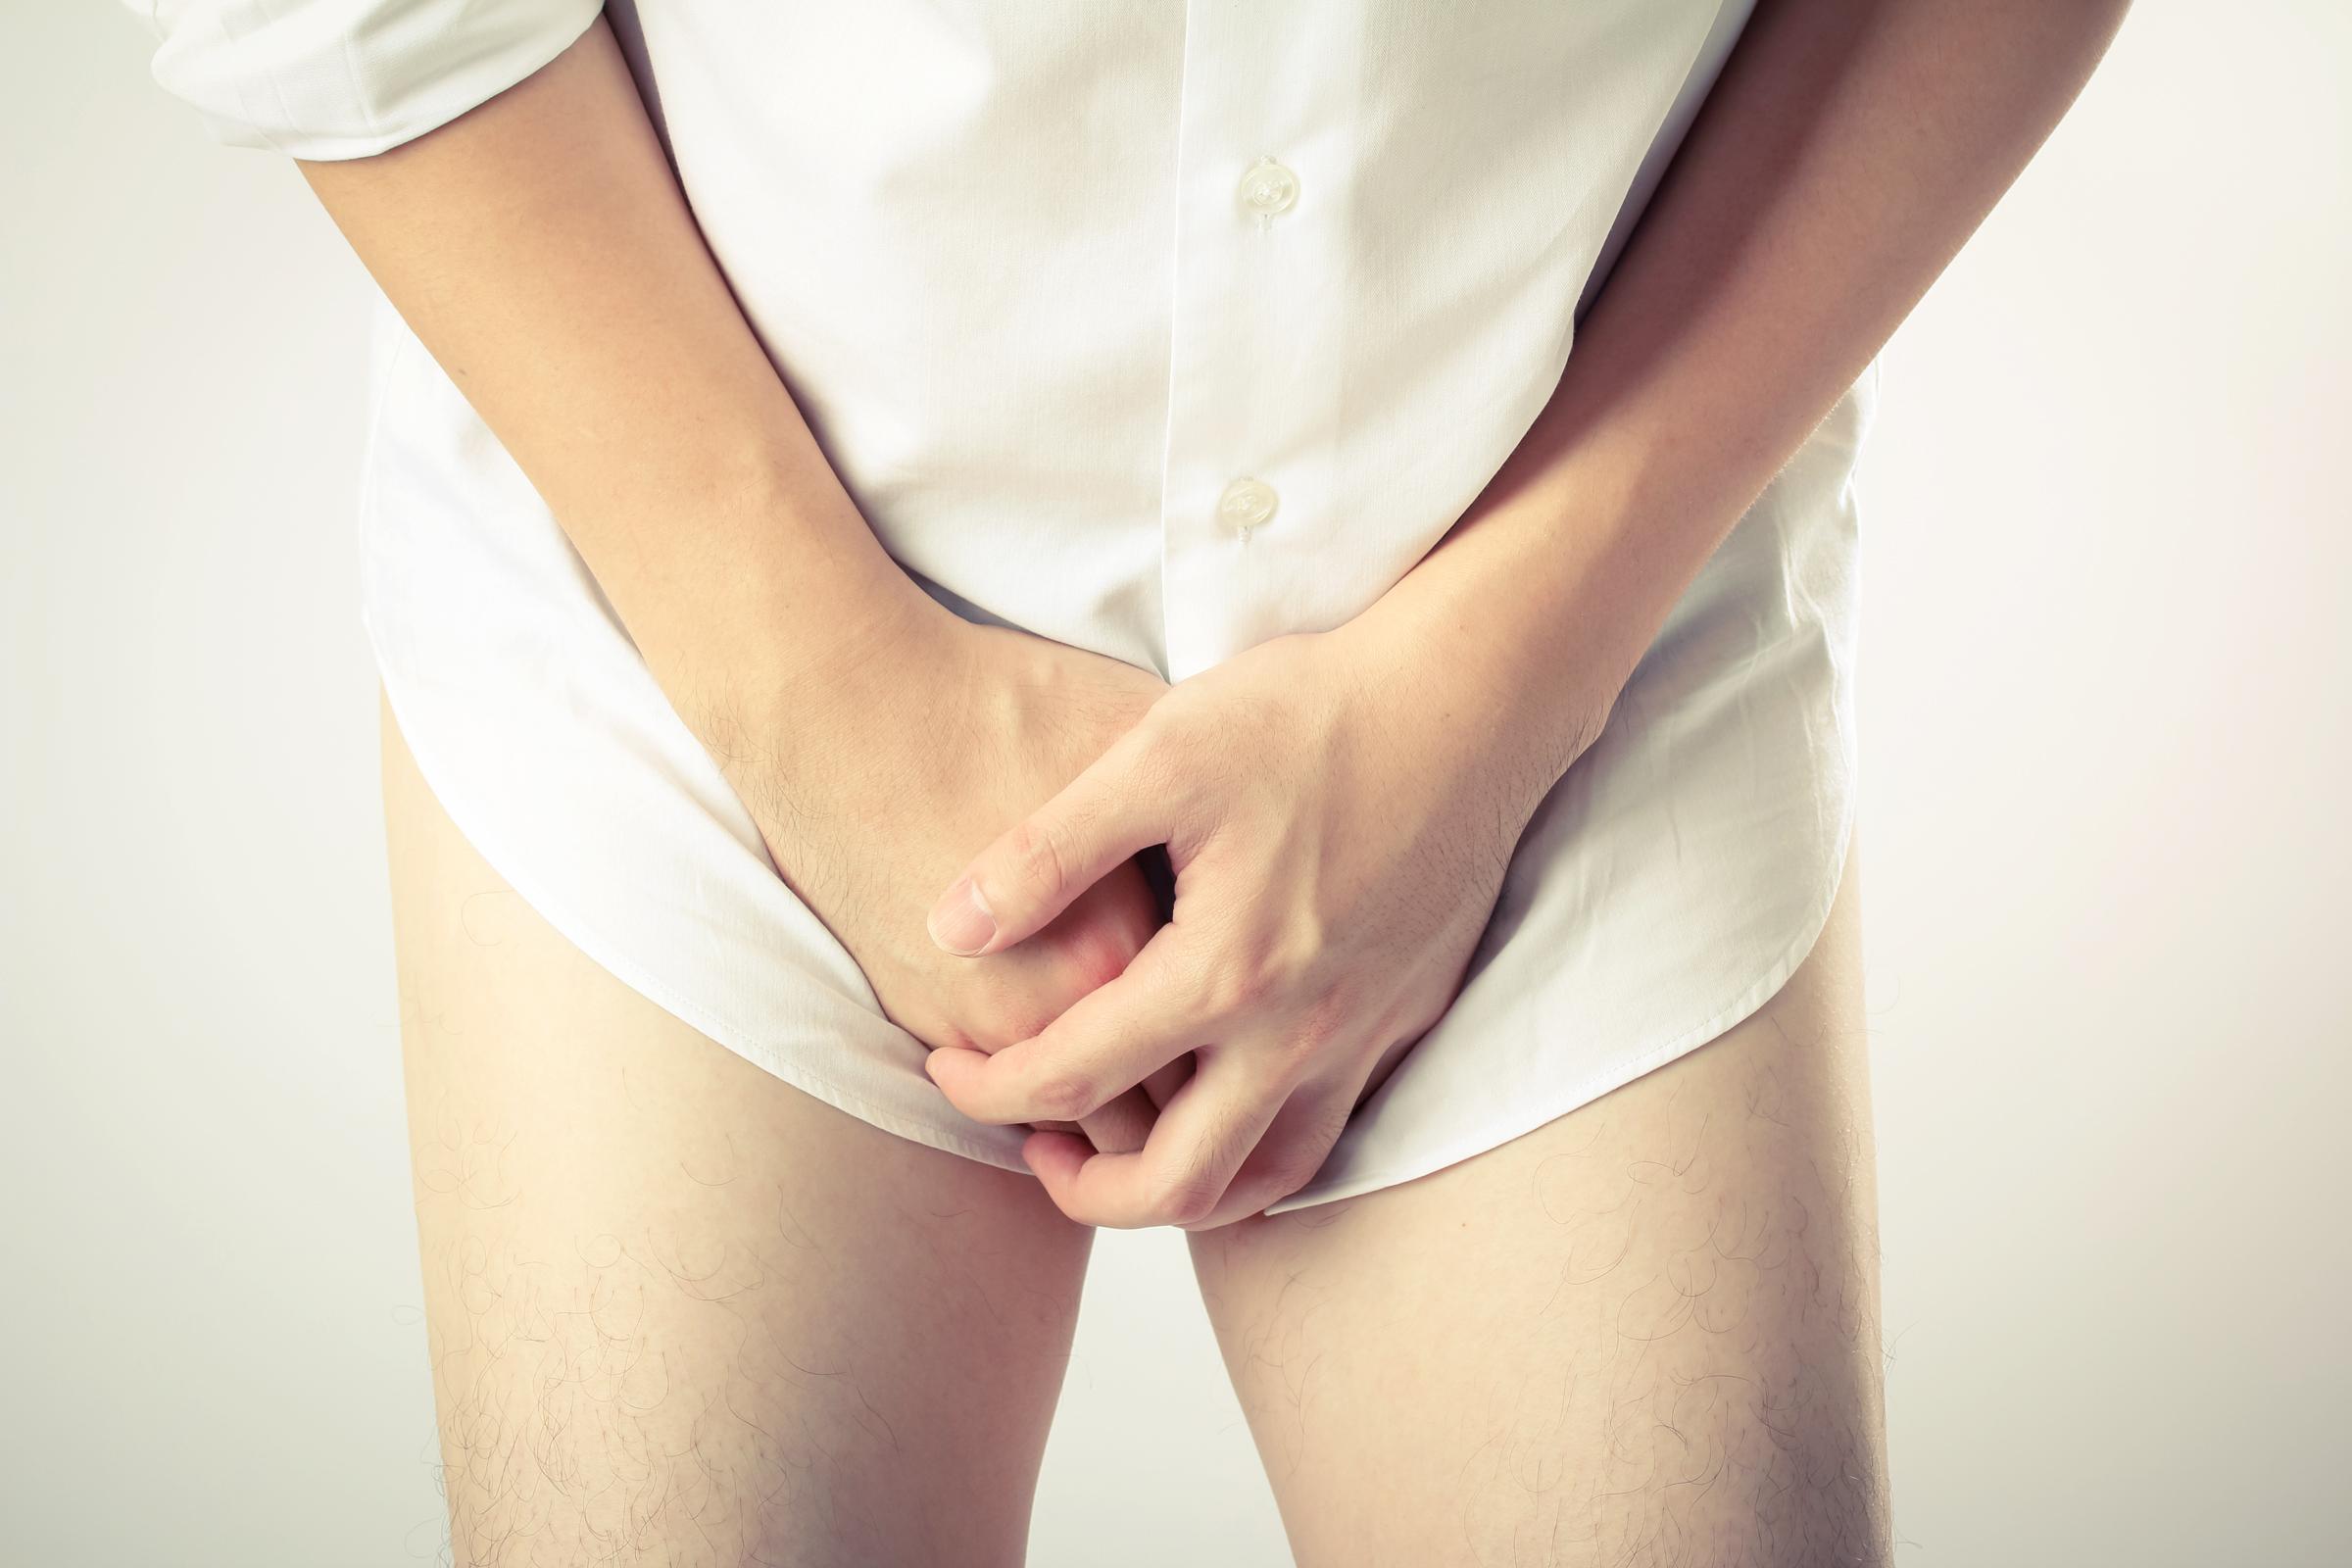 pénisz nem szex hogyan lehet gyorsan helyreállítani a merevedést